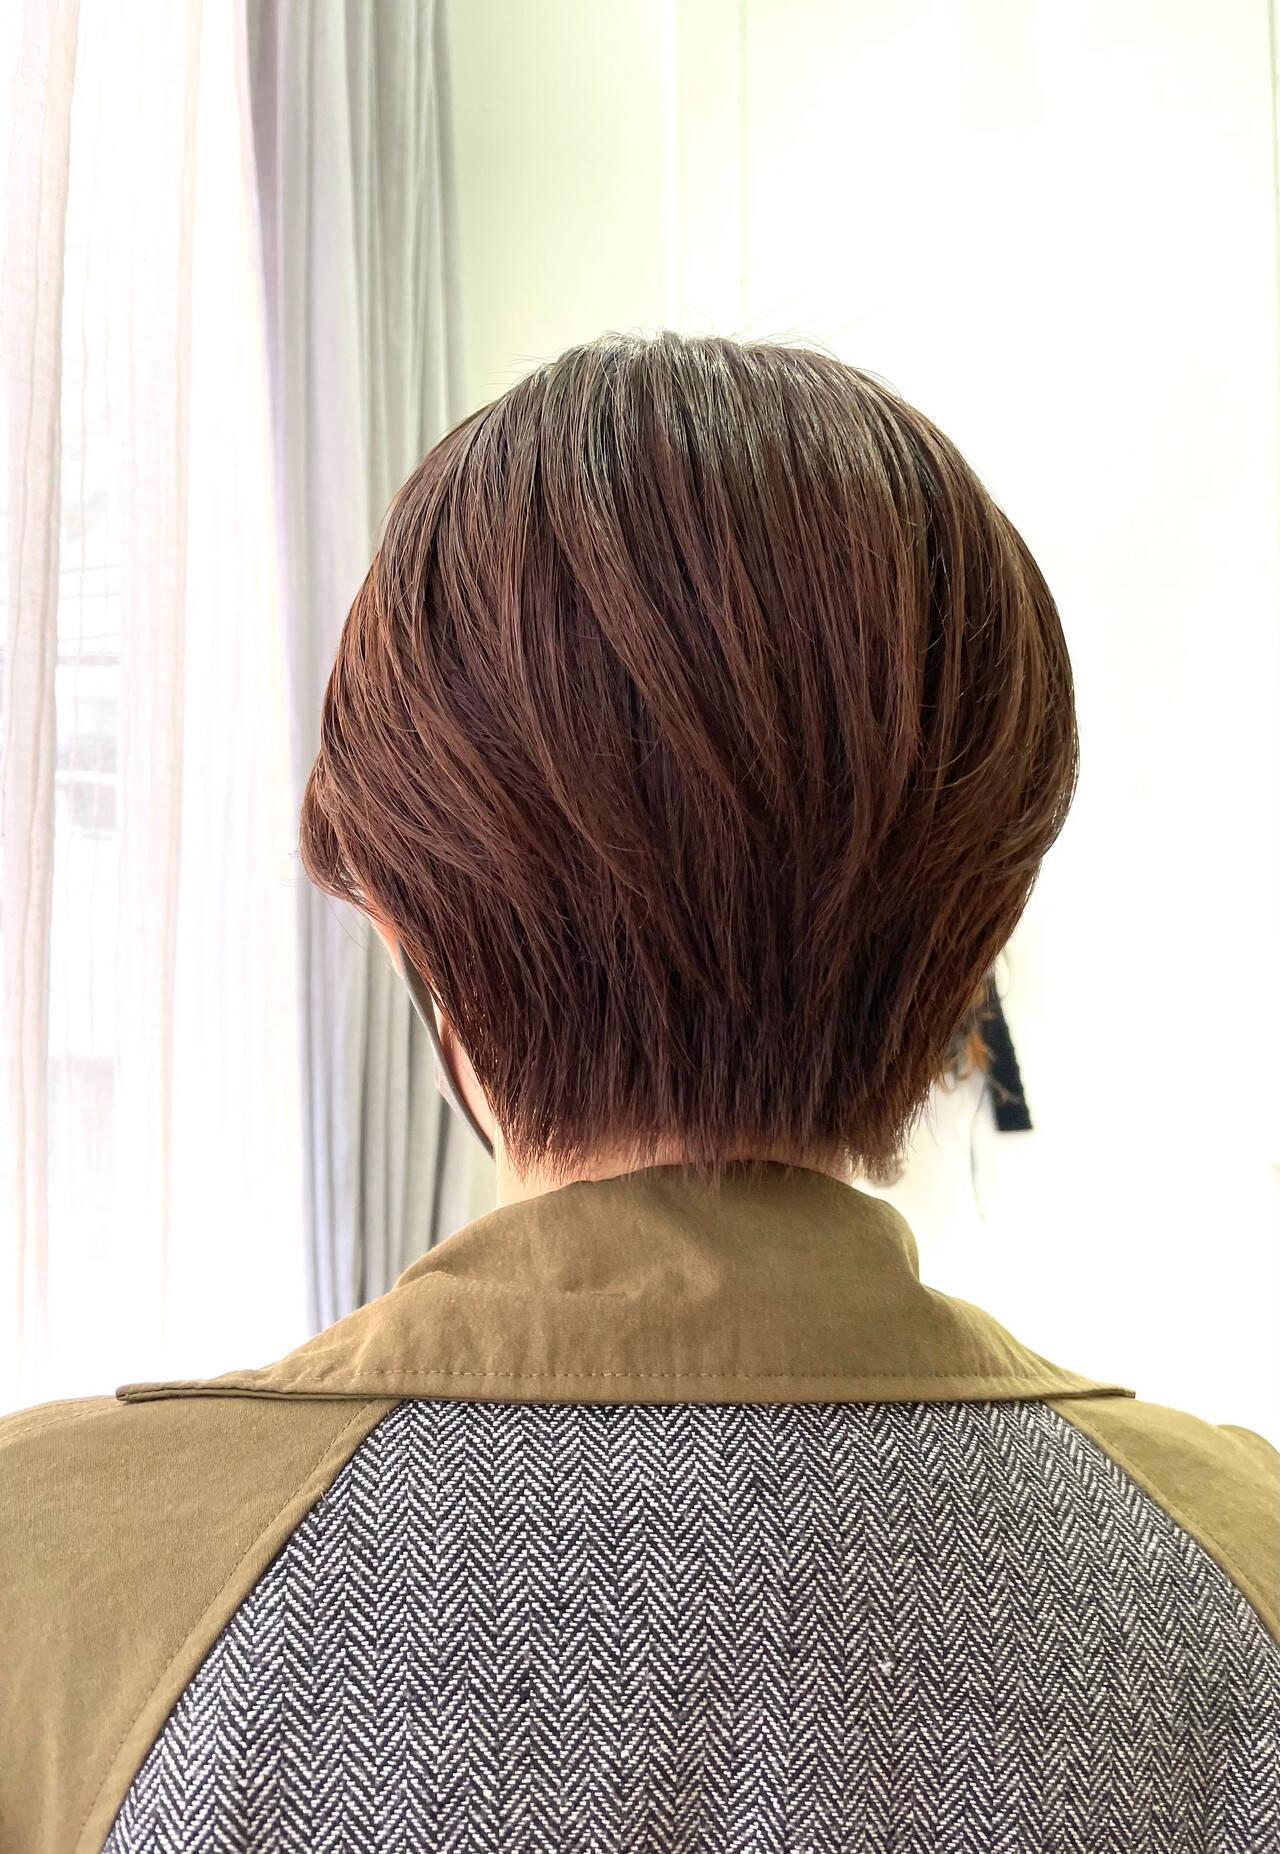 ミニボブ オレンジ 大人可愛い ショートヘアヘアスタイルや髪型の写真・画像